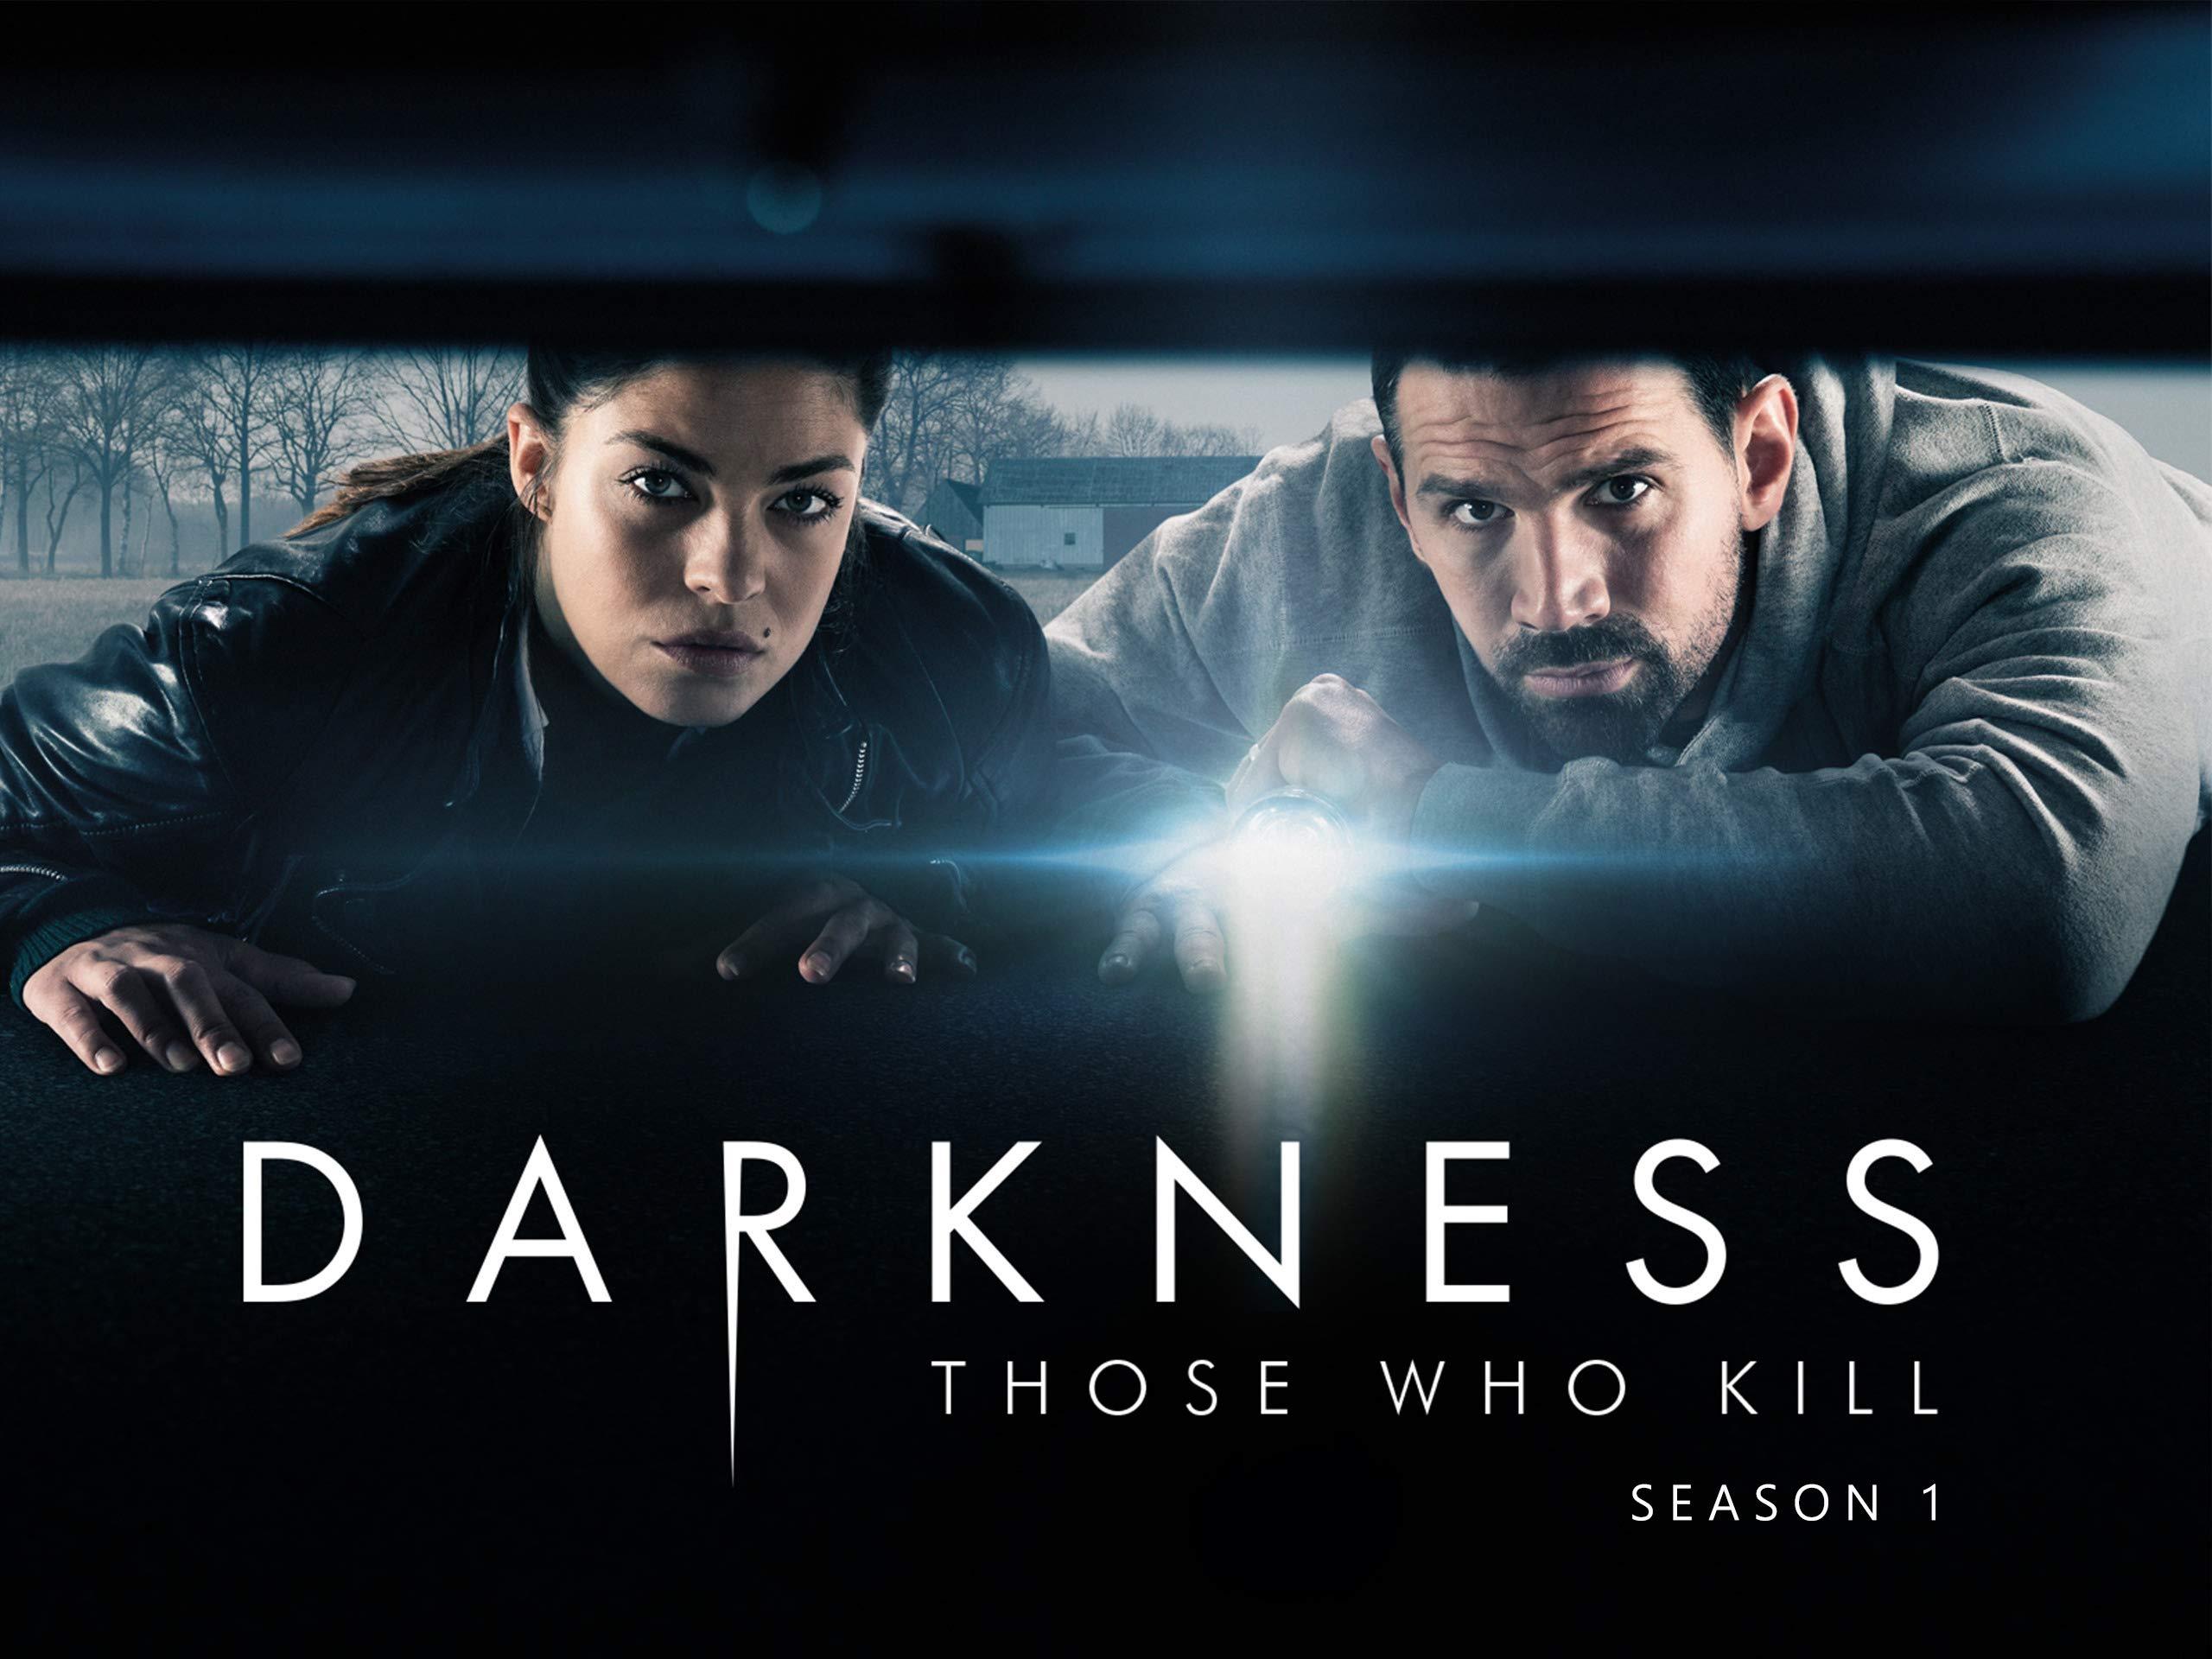 Darkness Those Who Kill - Season 1